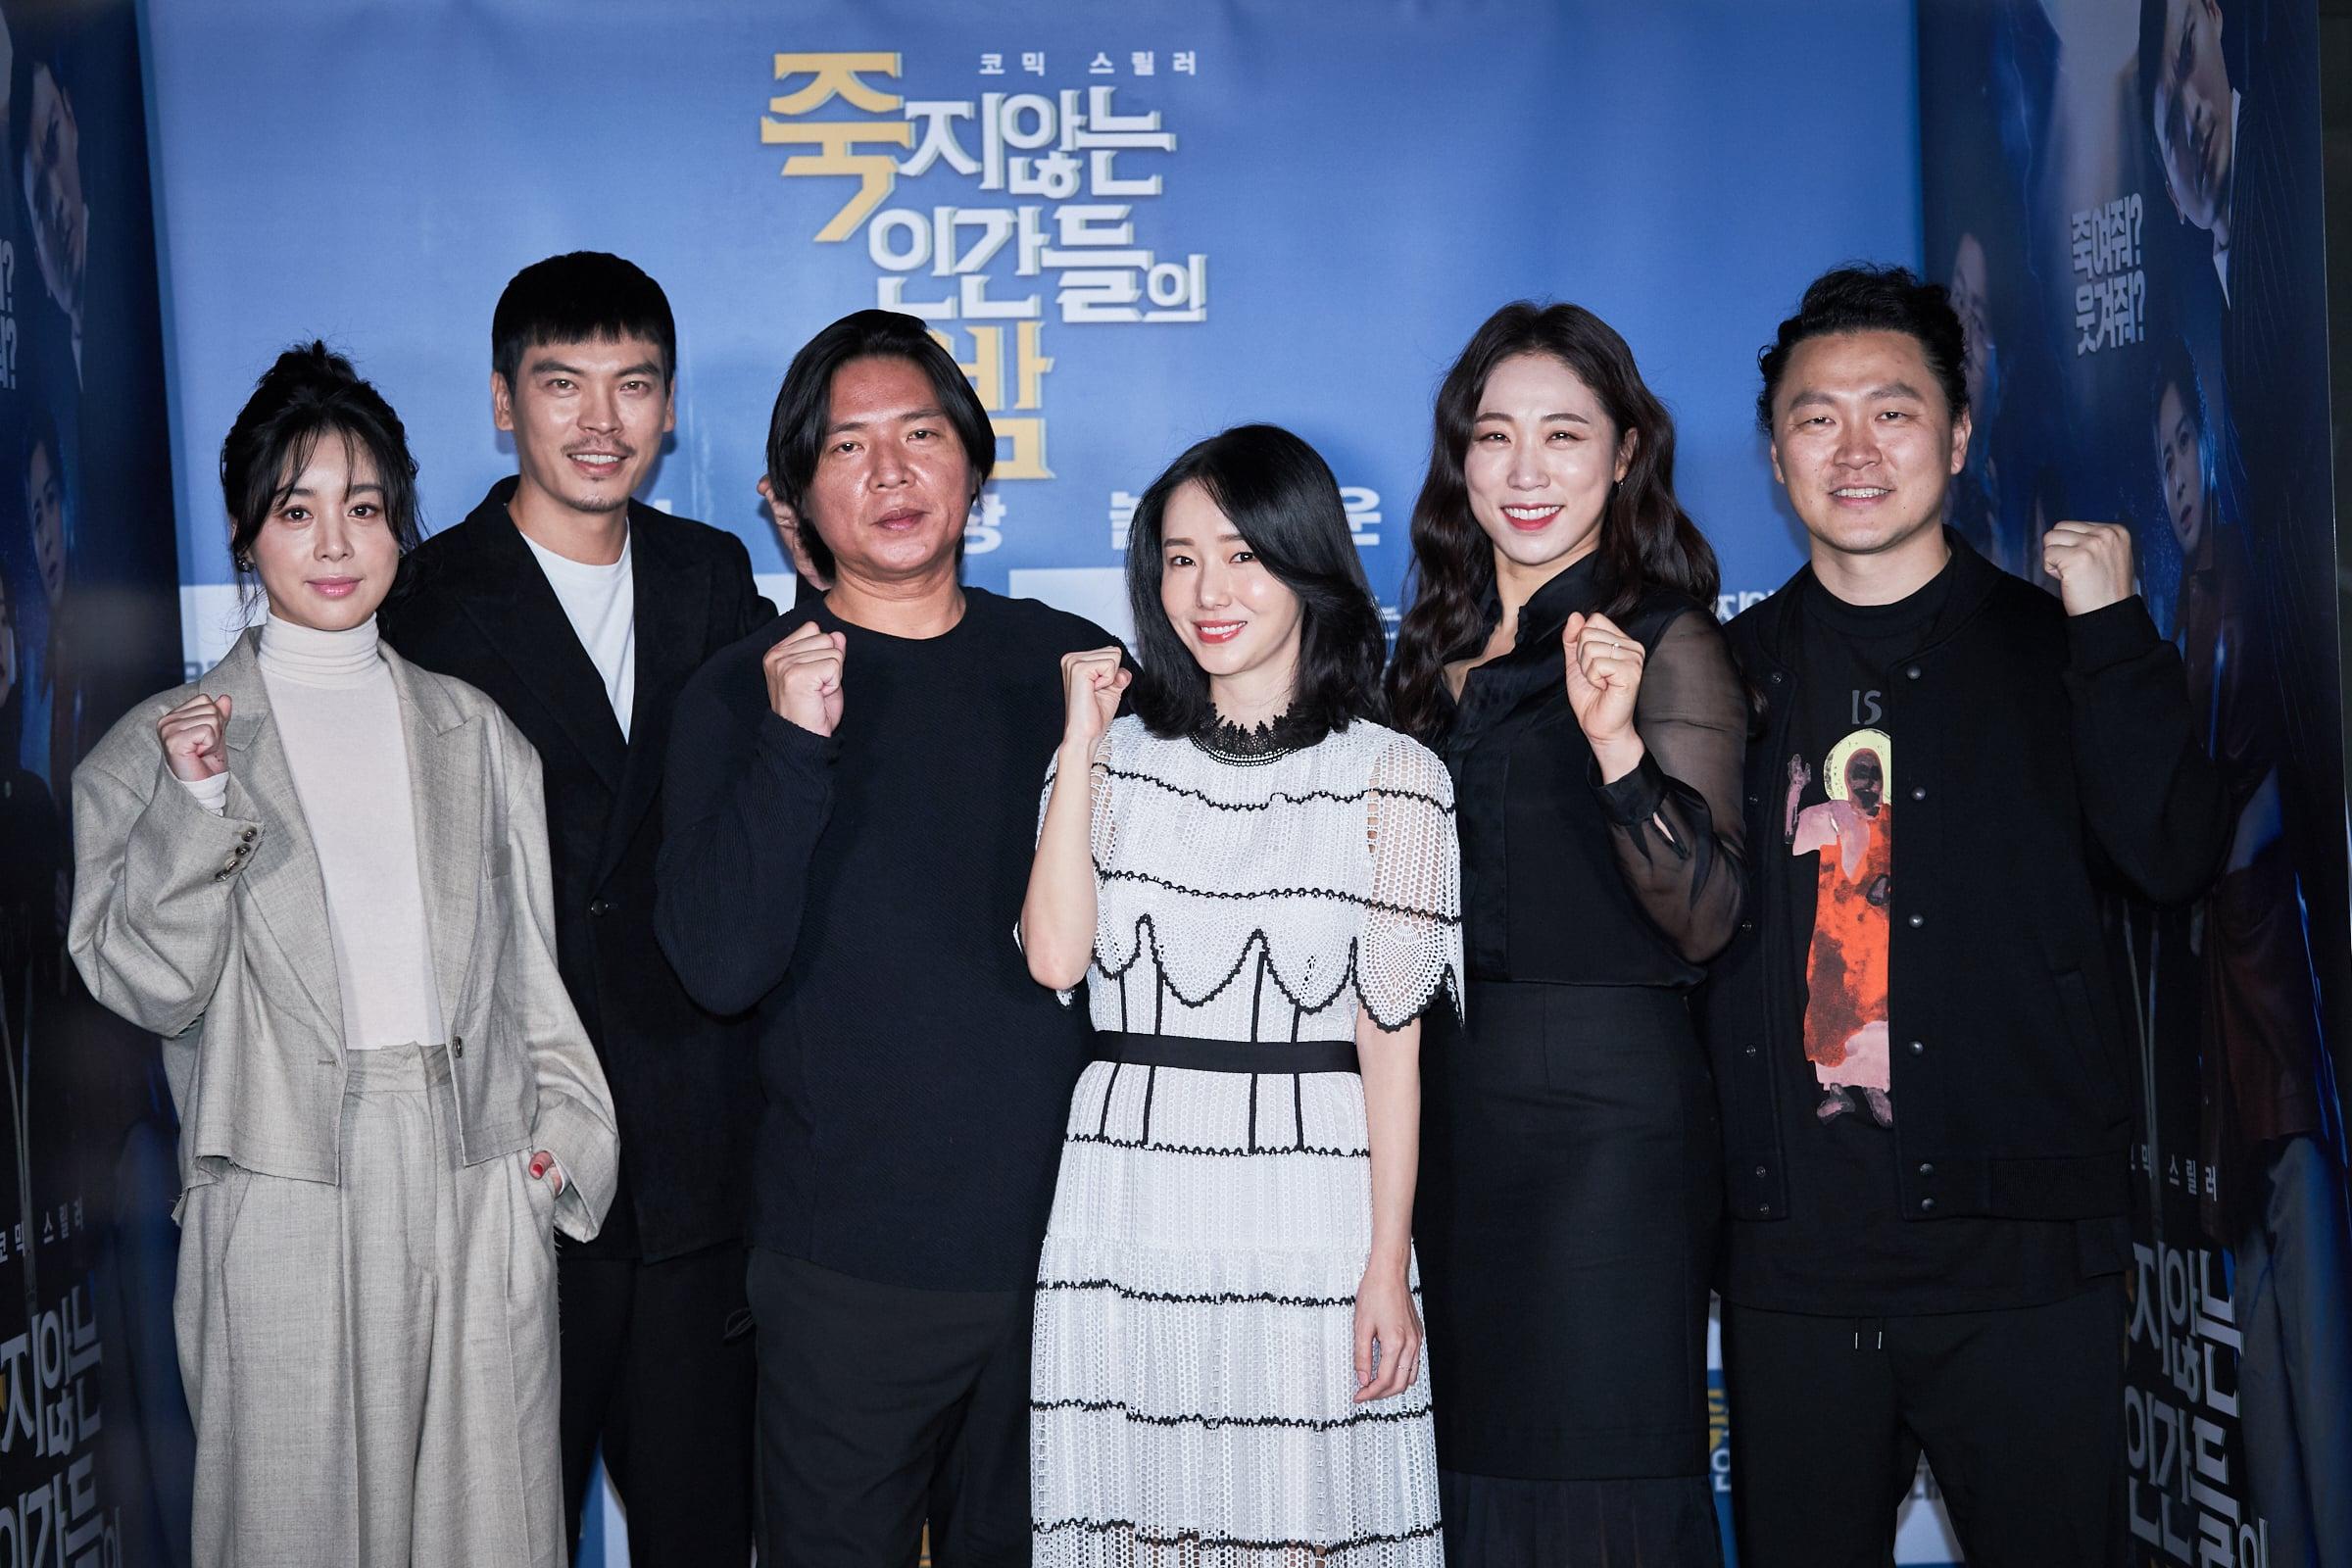 영화 '죽지않는 인간들의 밤' 주역들 . 사진 TCO(주)더콘텐츠온